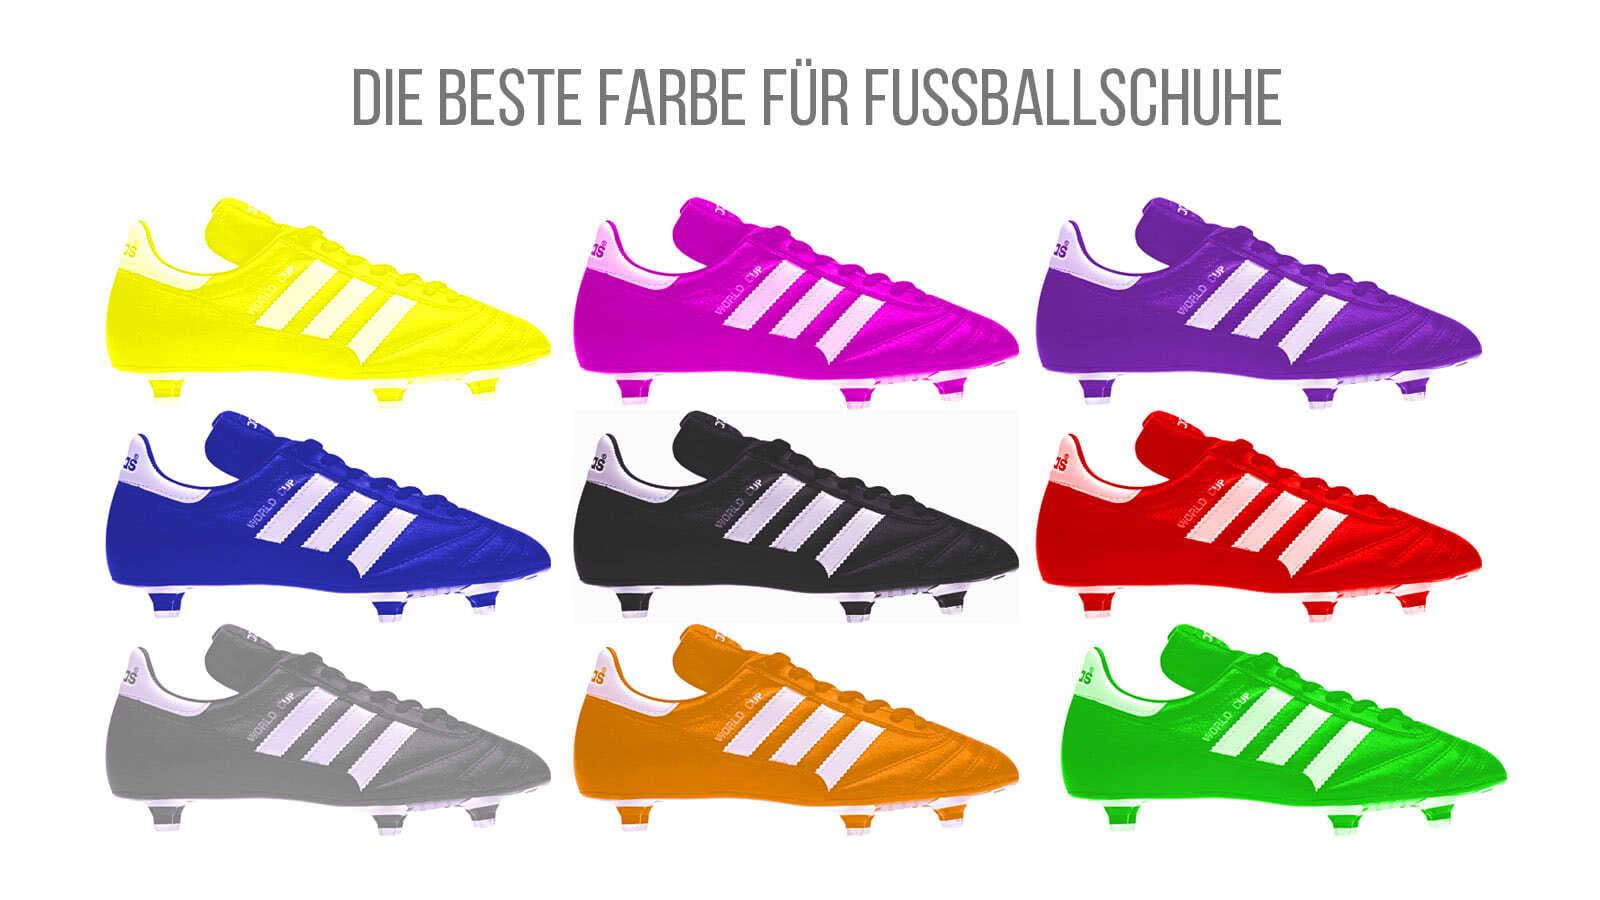 Hier findest du die beste Farbe für Fußballschuhe von adidas, nike und puma